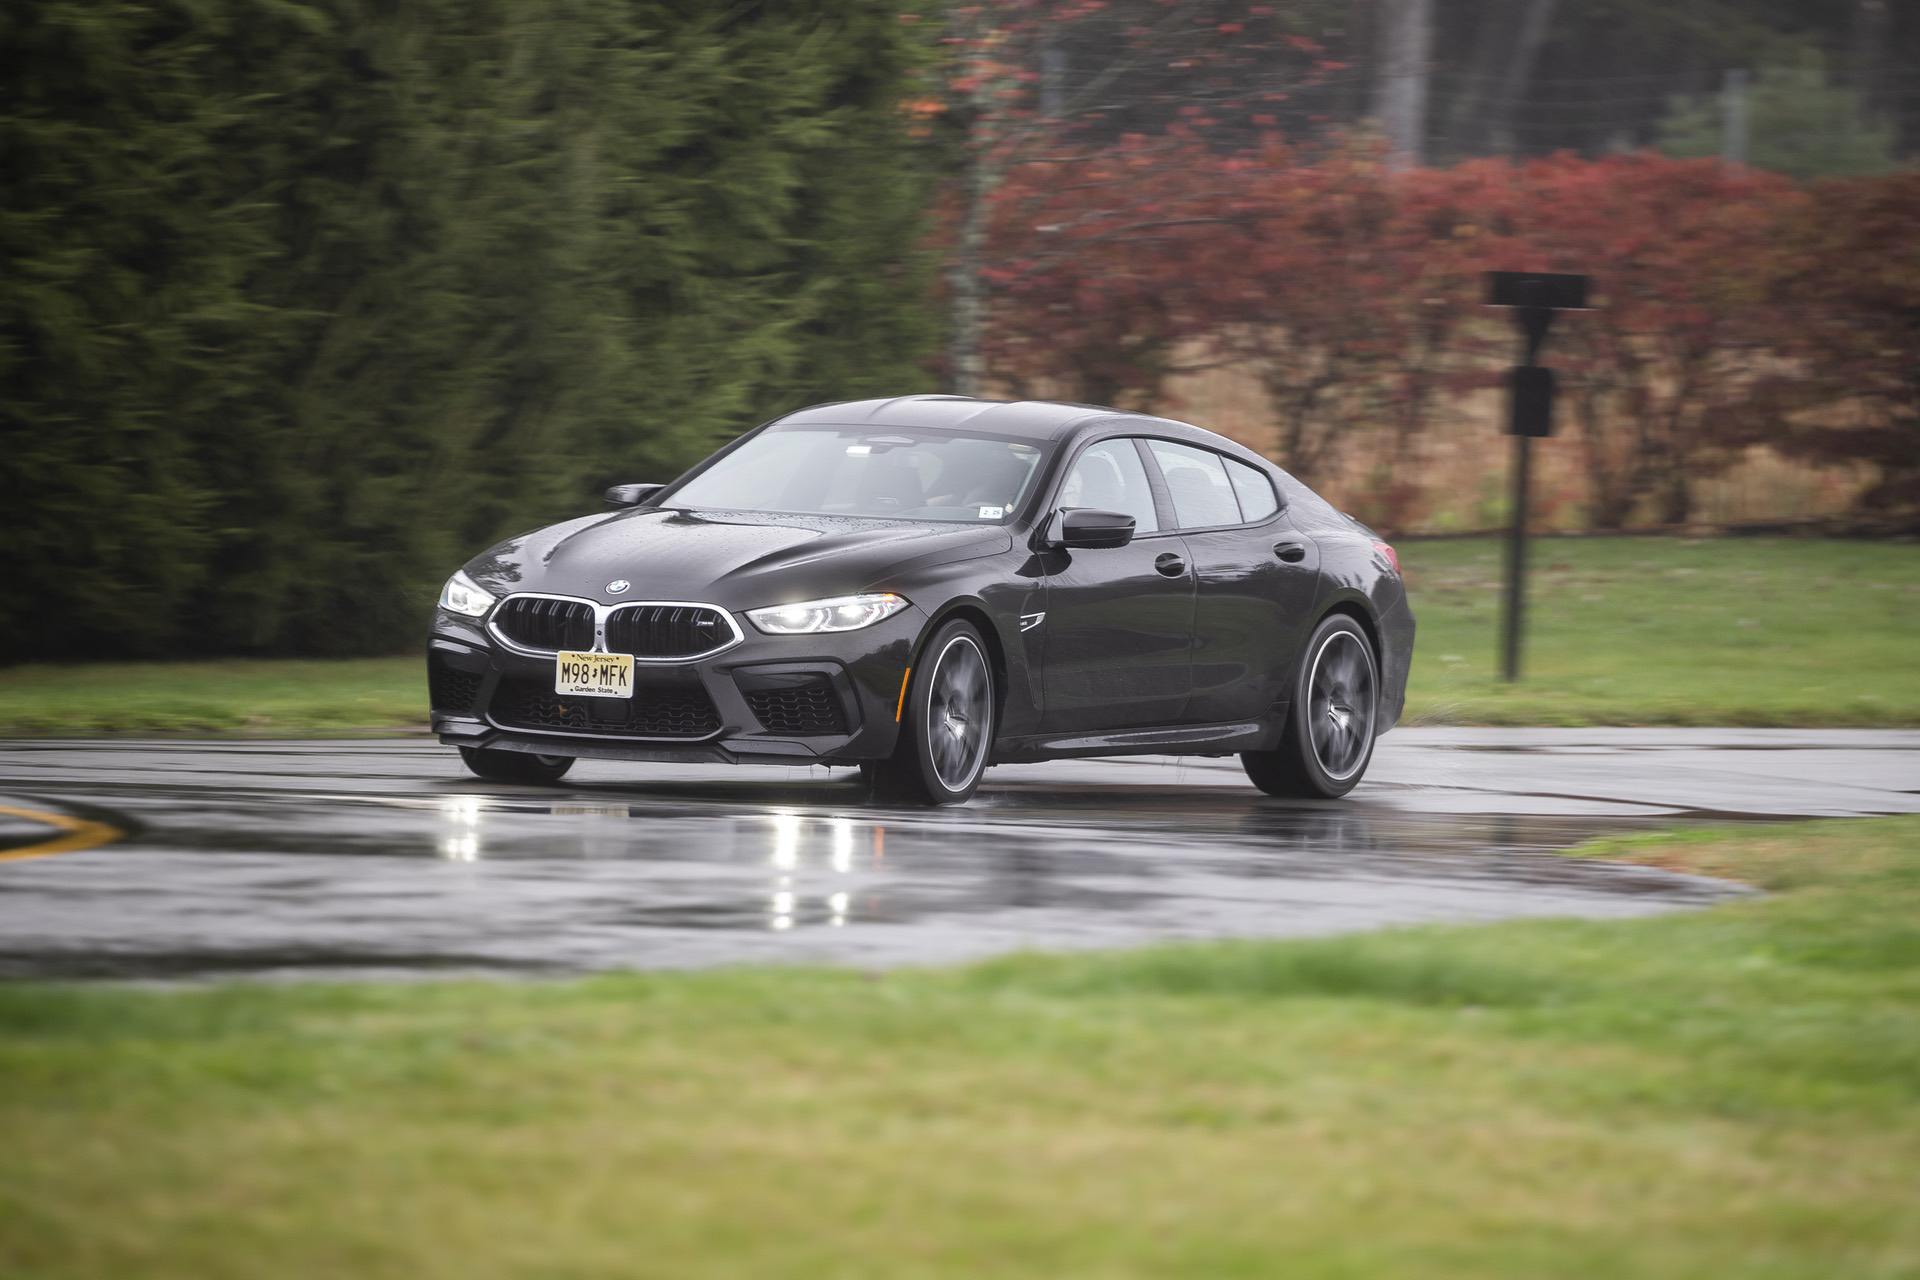 2020 BMW M8 Gran Coupe Almandine Brown II Metallic  05